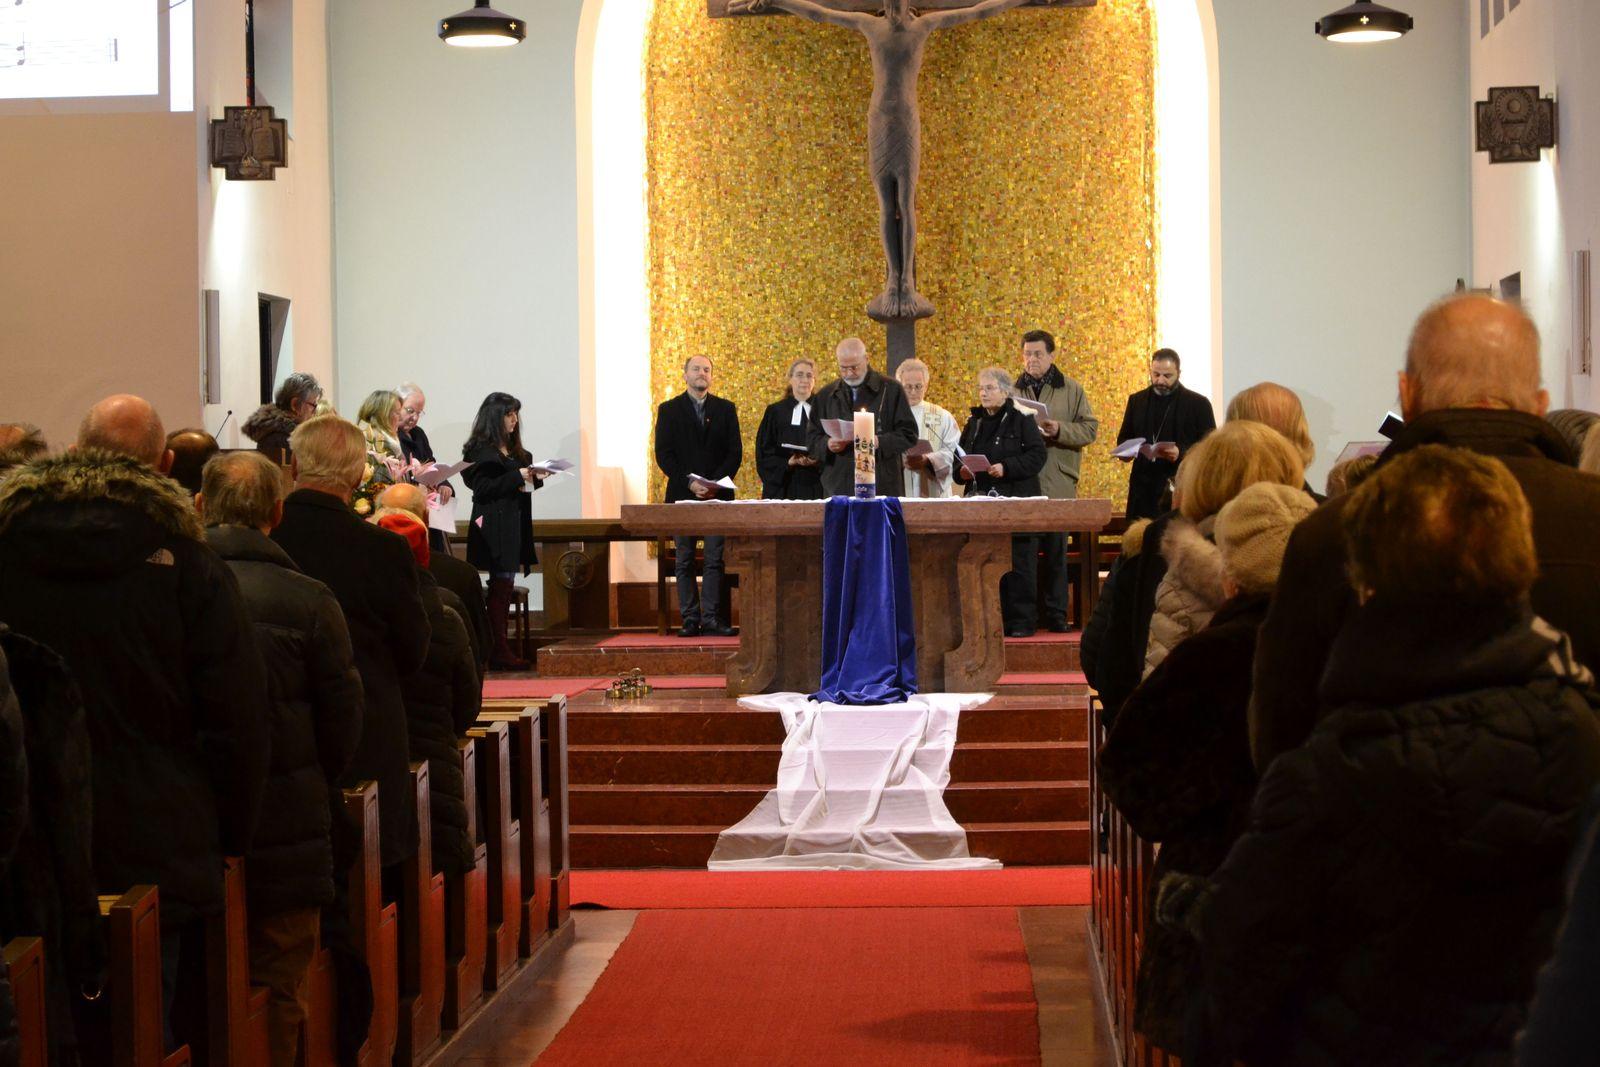 katholische, evangelische und orthodoxe ChristInnen sind versammelt